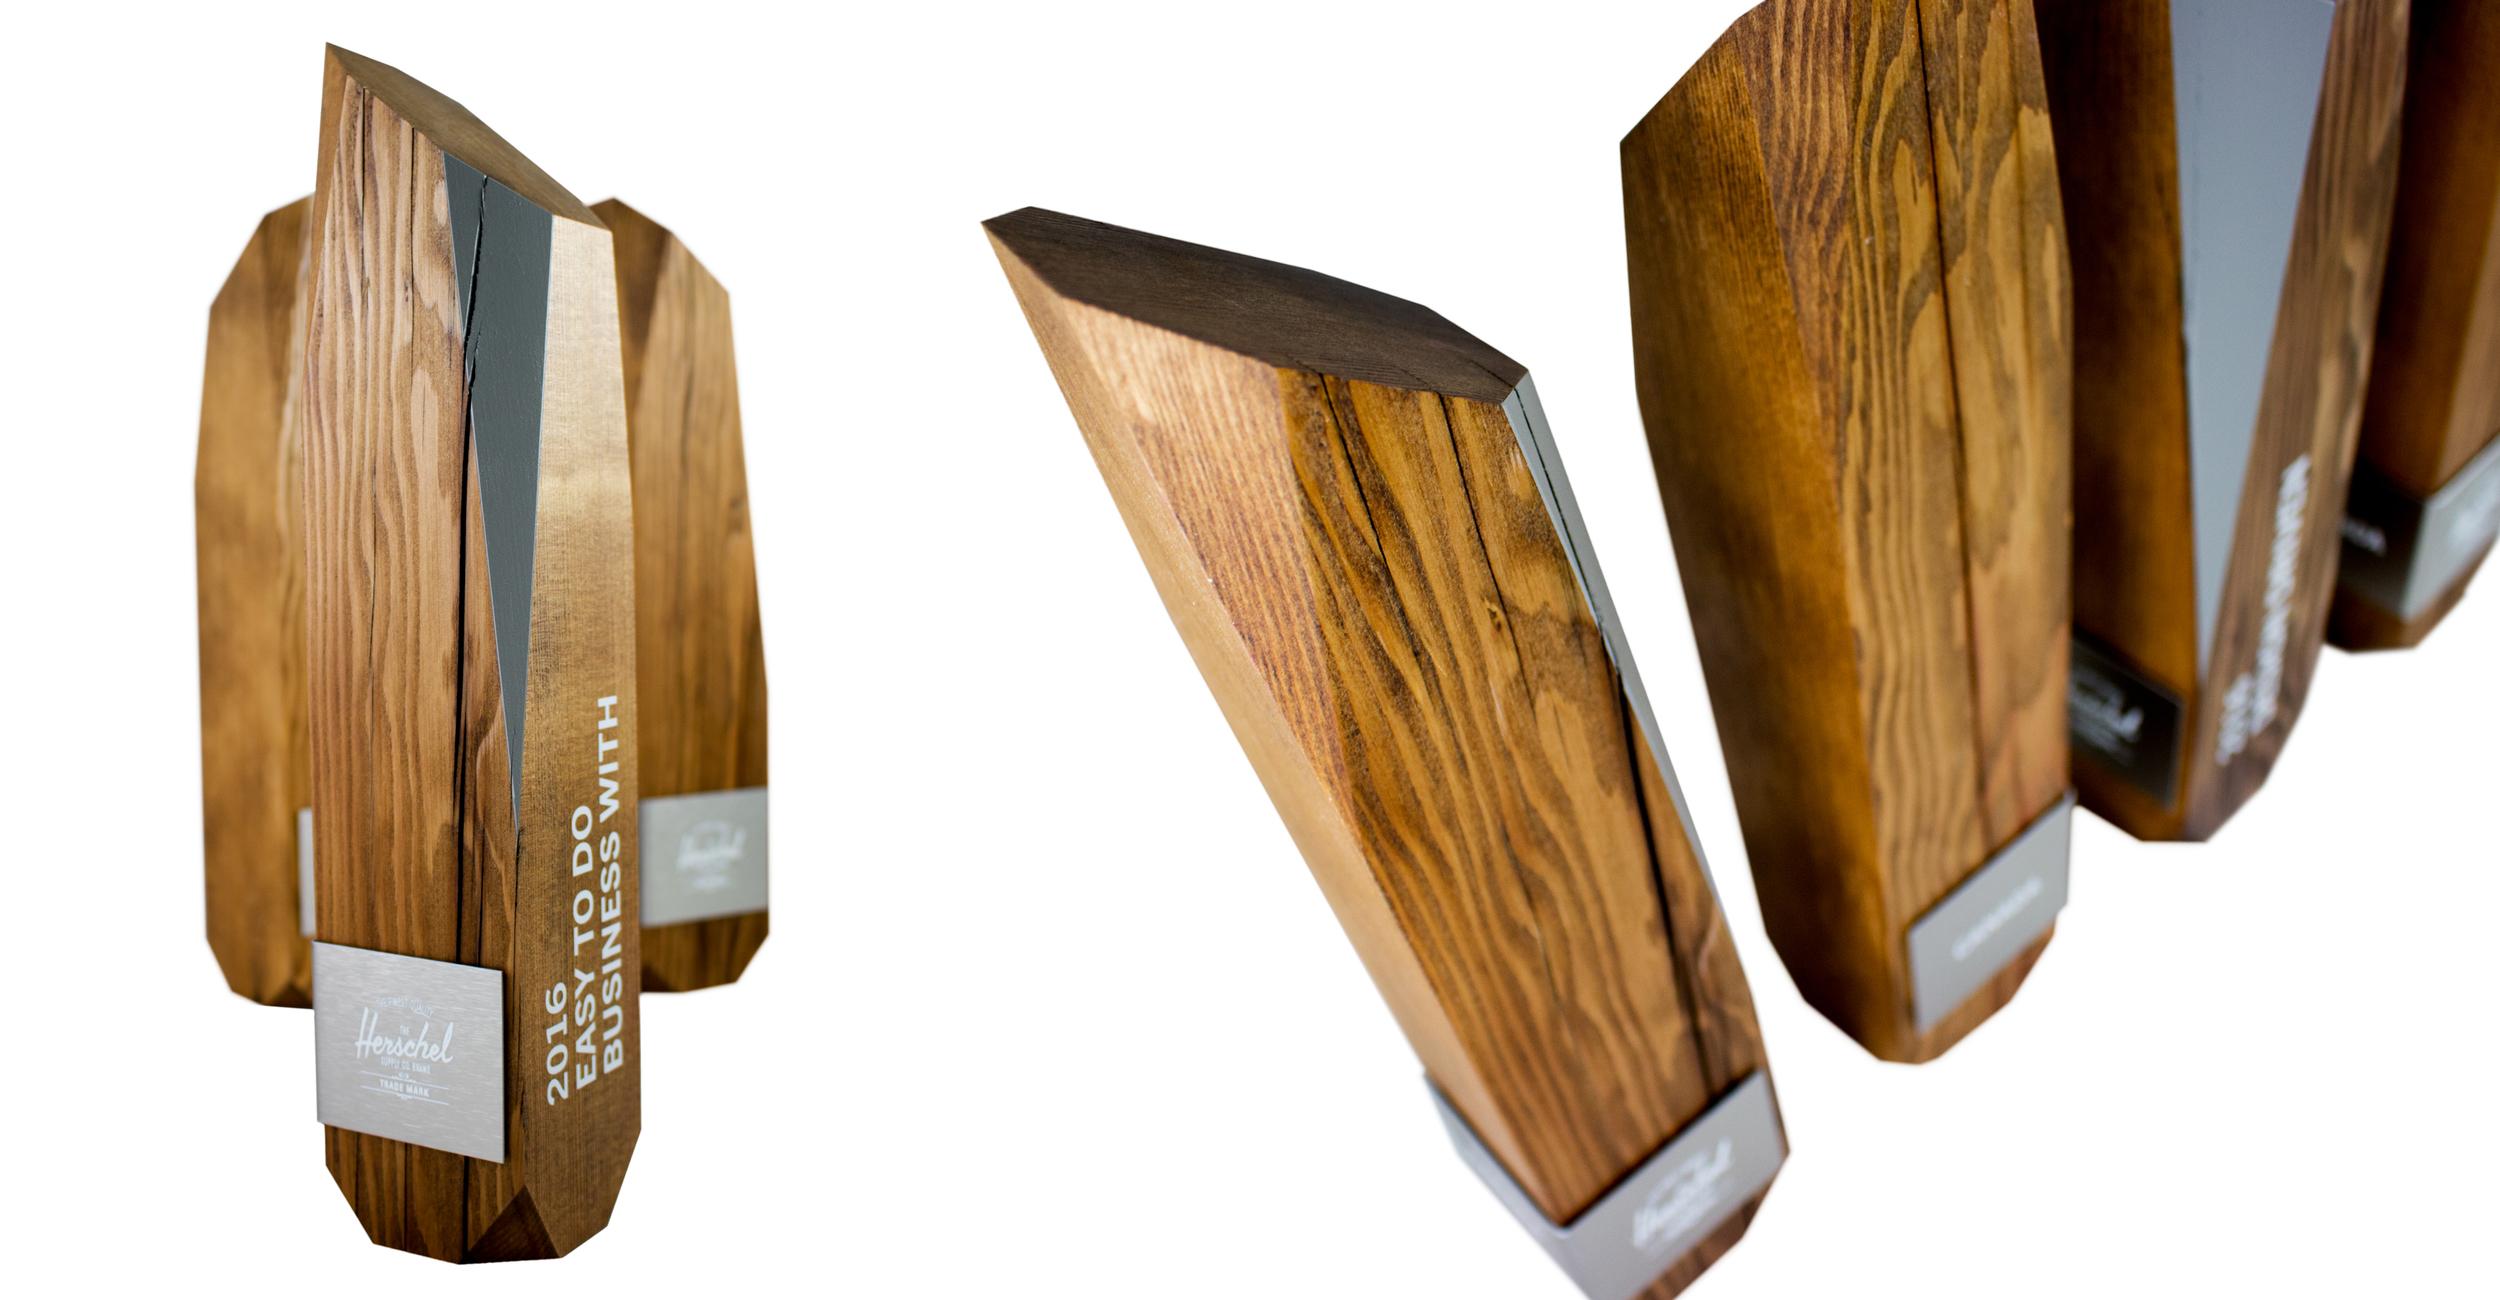 reclaimed wood awards - herschel